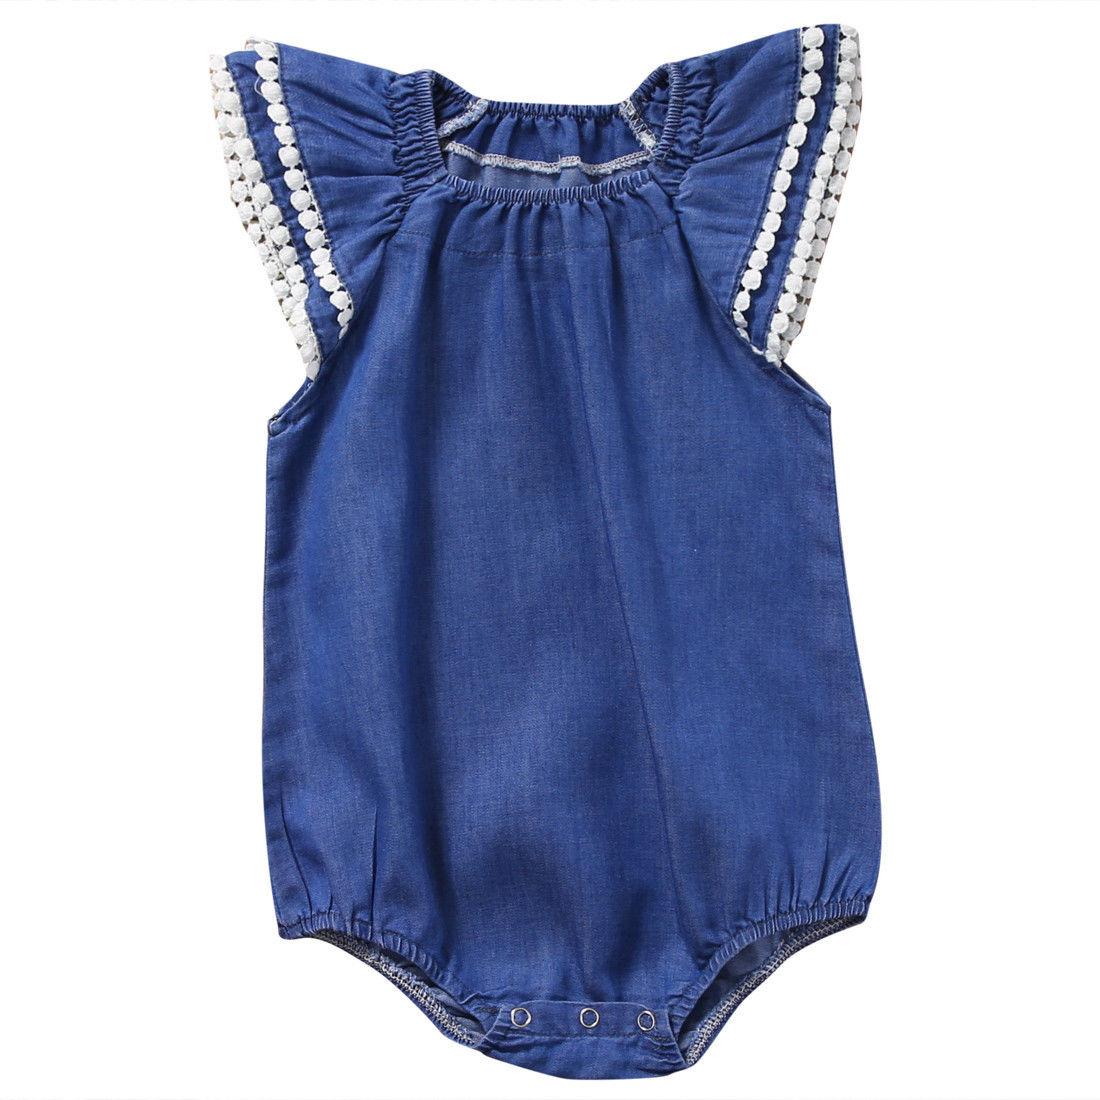 Cute Newborn Baby Girl Lace Romper Clothes Infant Bebes Lace Jumpsuit Denim Rompers Jumpsuit Sunsuit Outfits